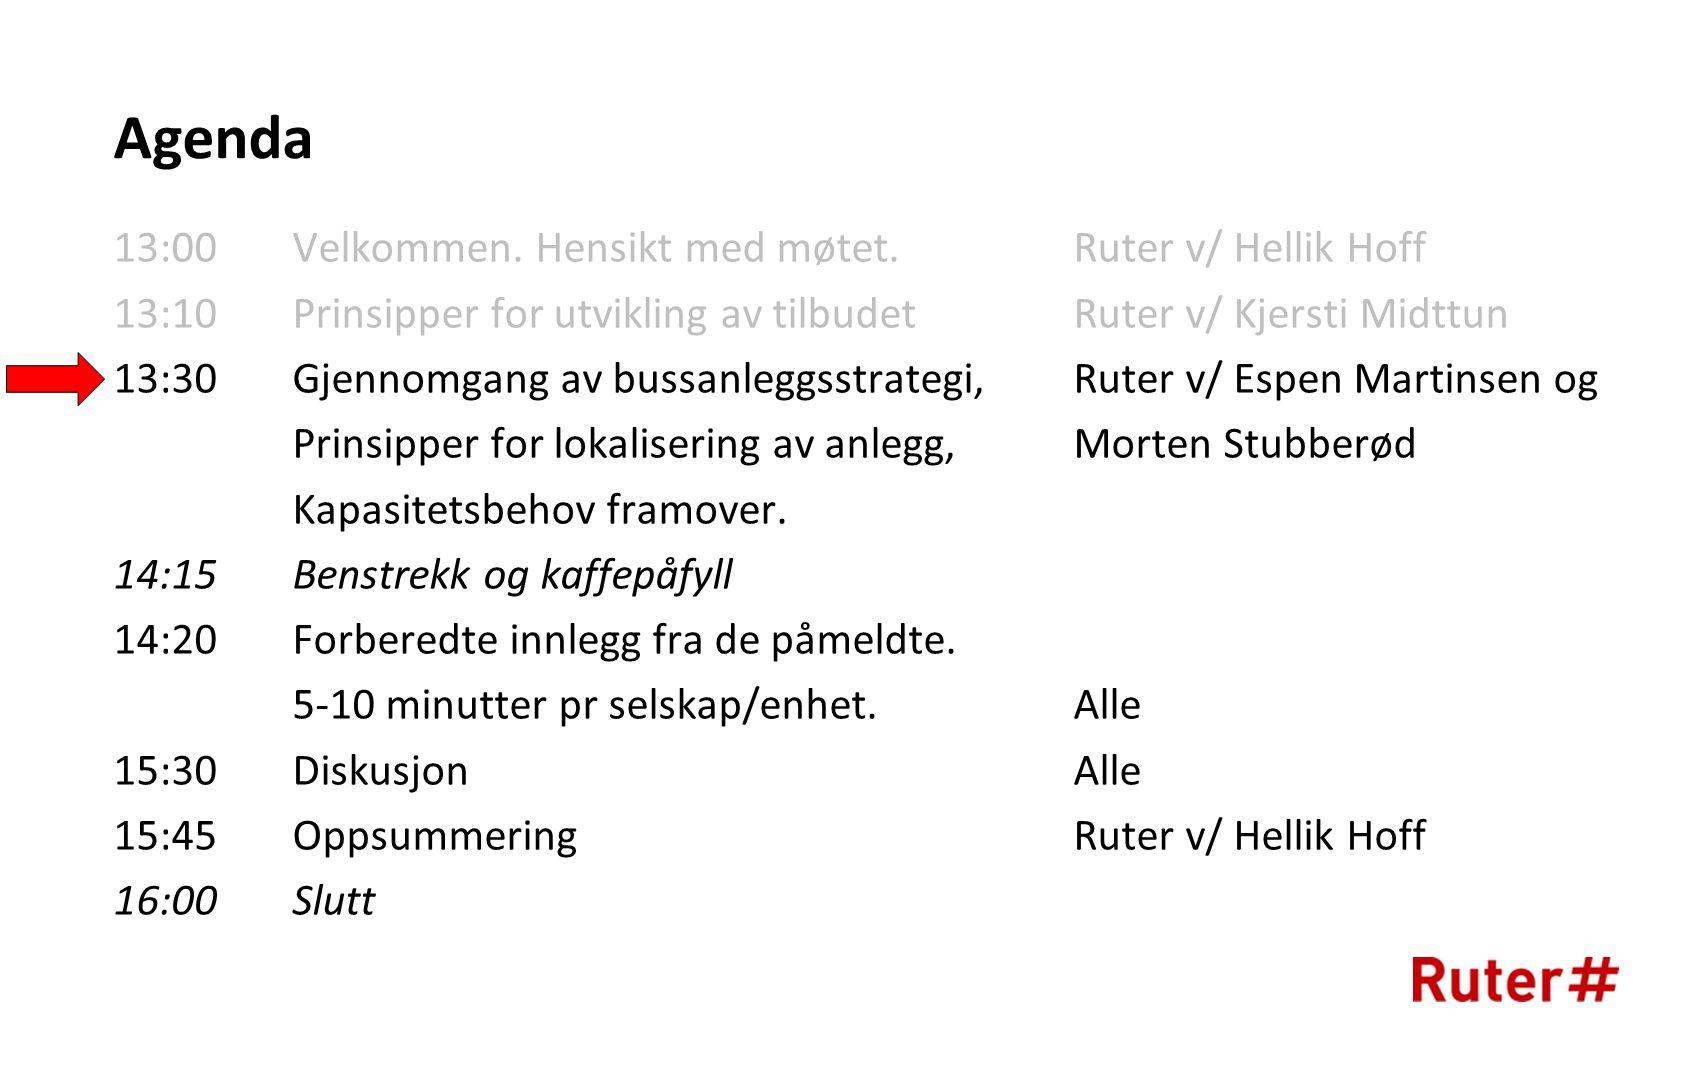 Agenda 13:00 Velkommen. Hensikt med møtet. Ruter v/ Hellik Hoff